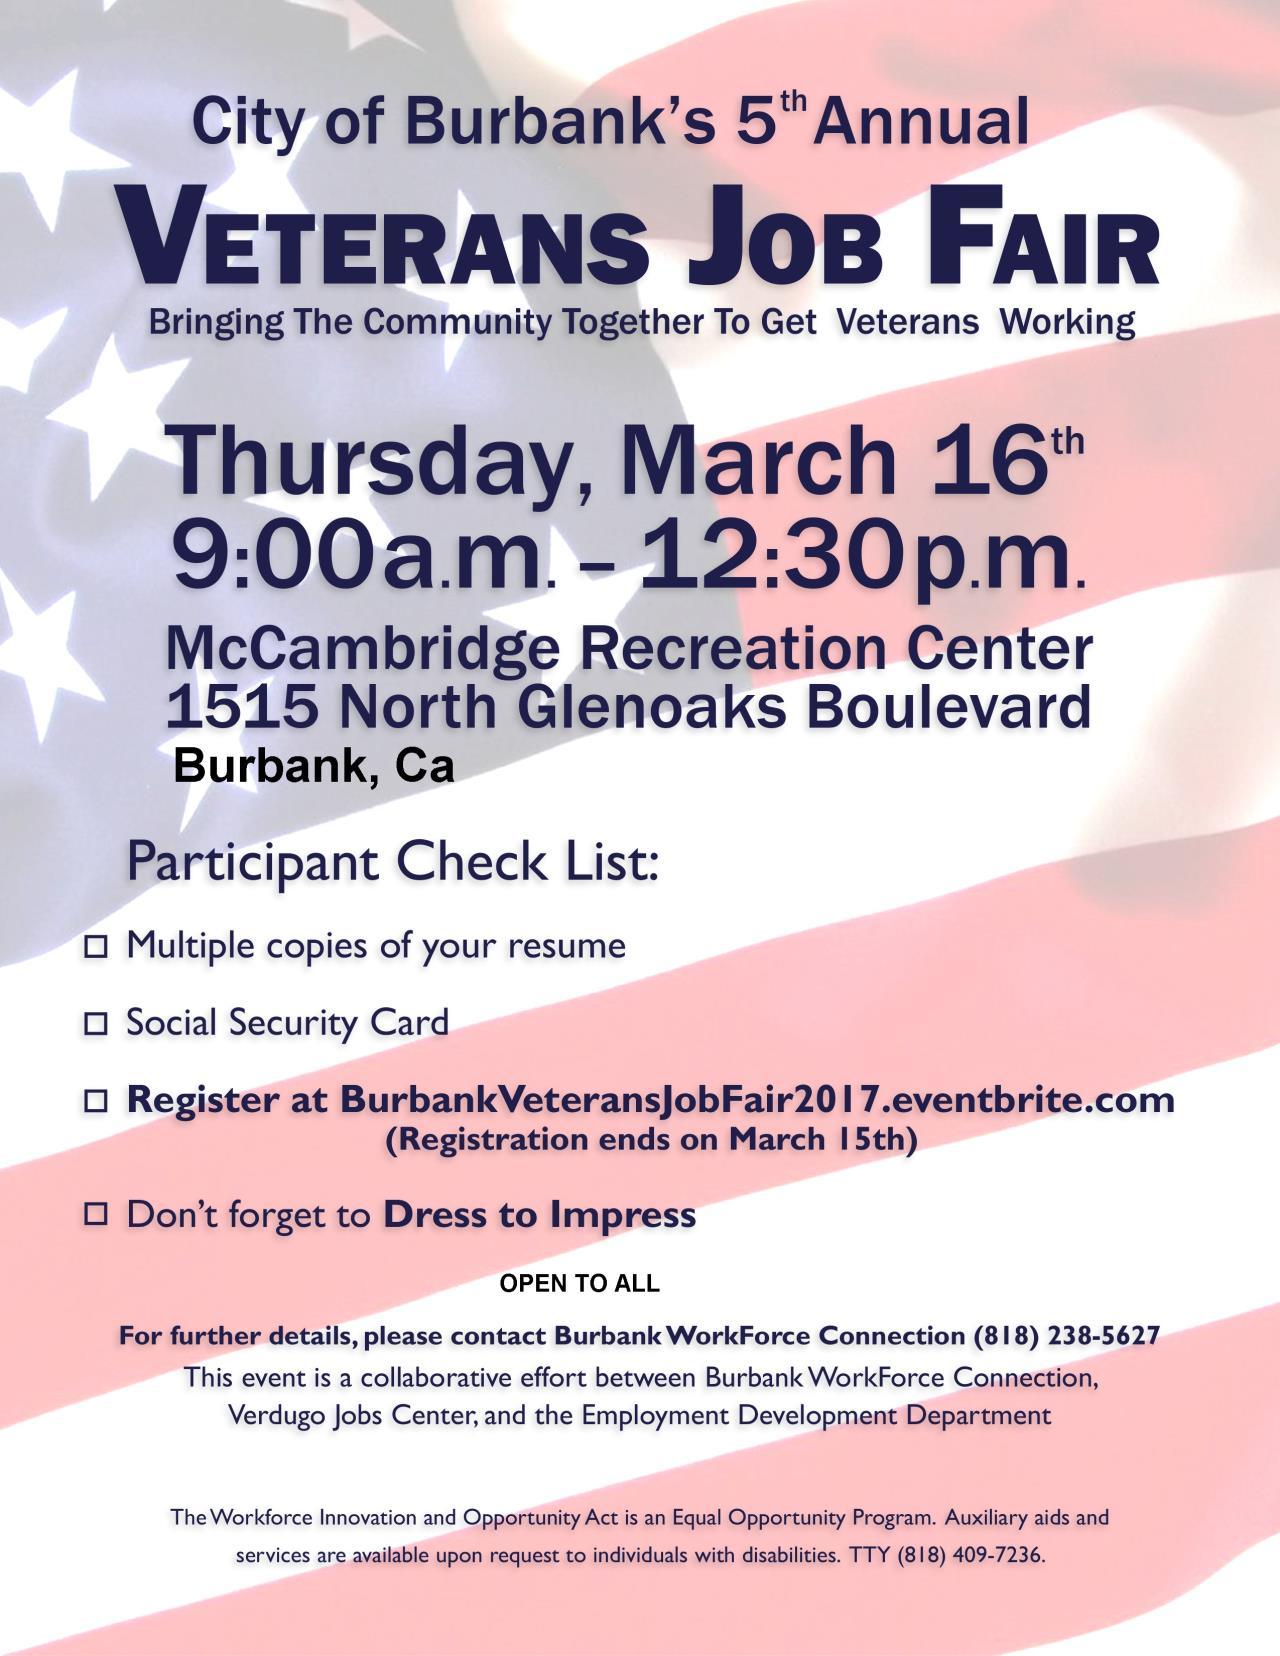 city of glendale ca verdugo jobs center final veteran s job fair